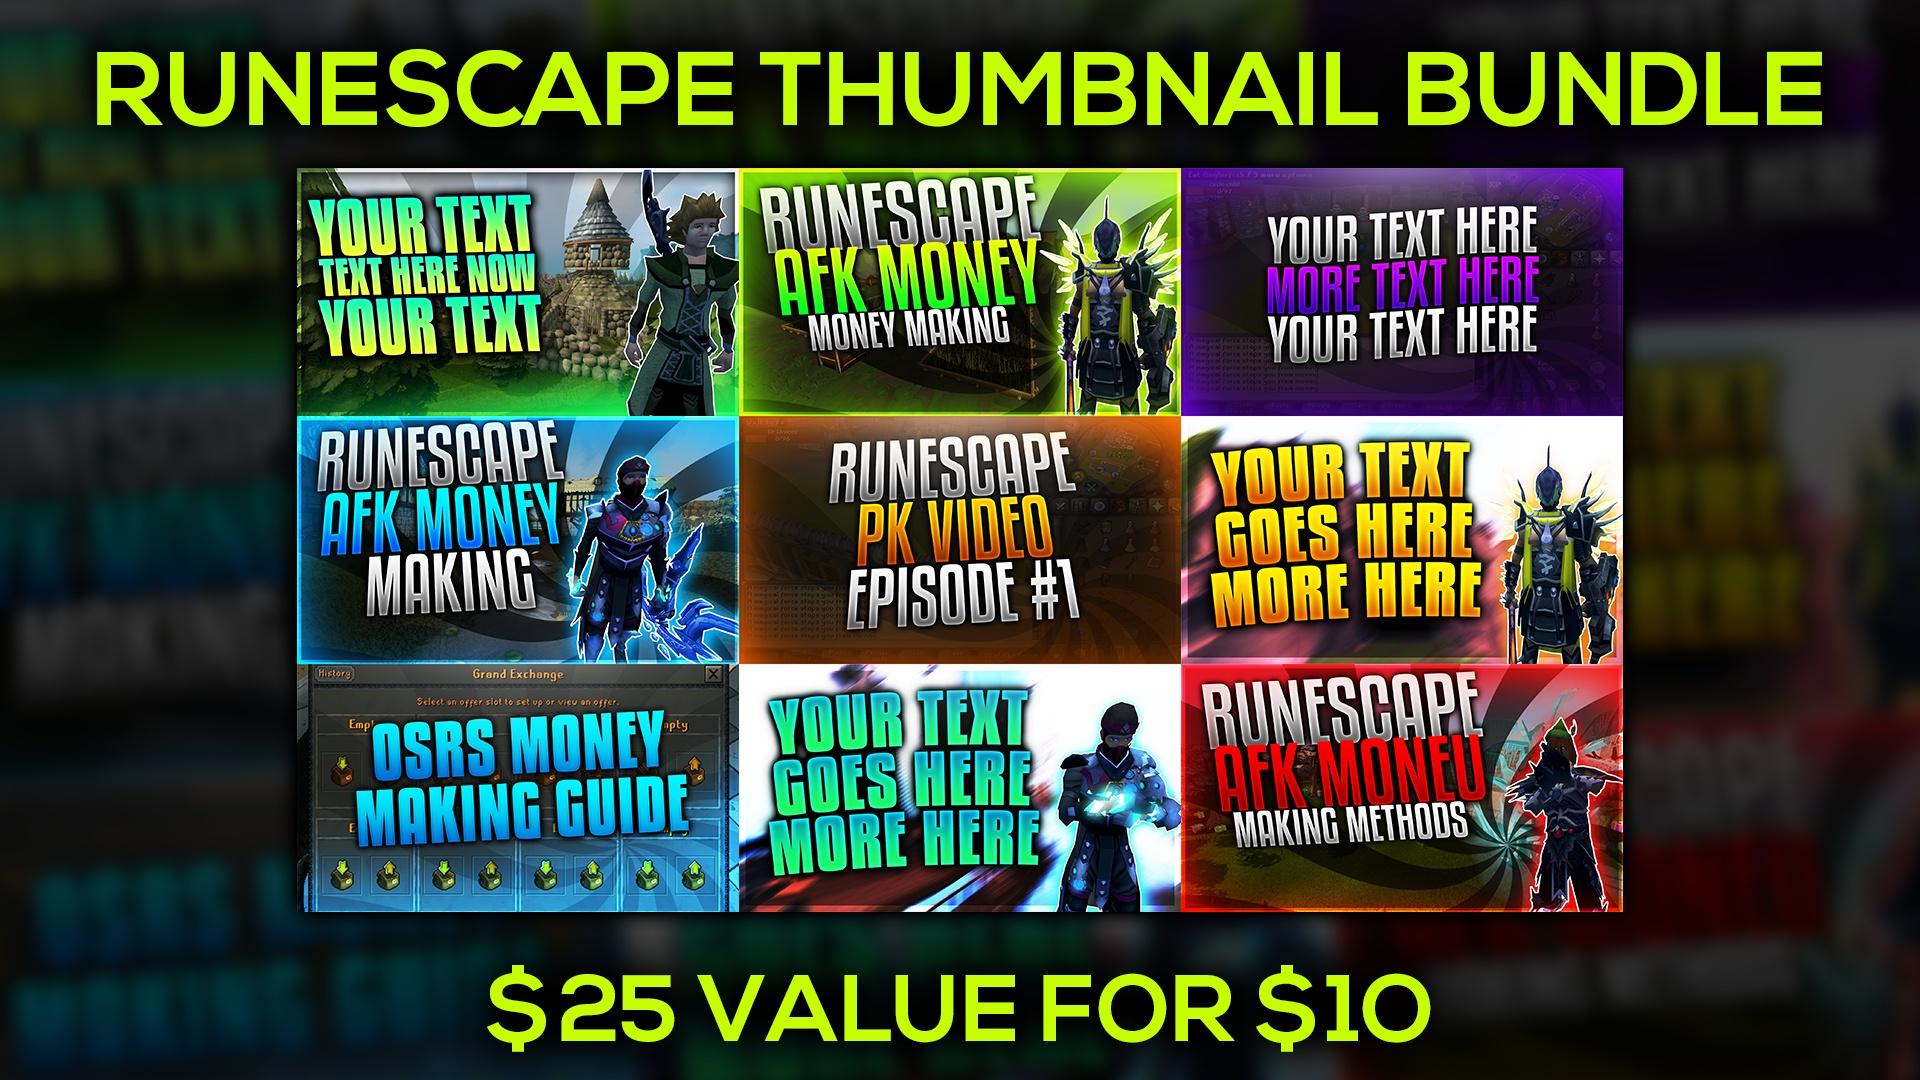 Runescape Thumbnail Template Bundle Pack